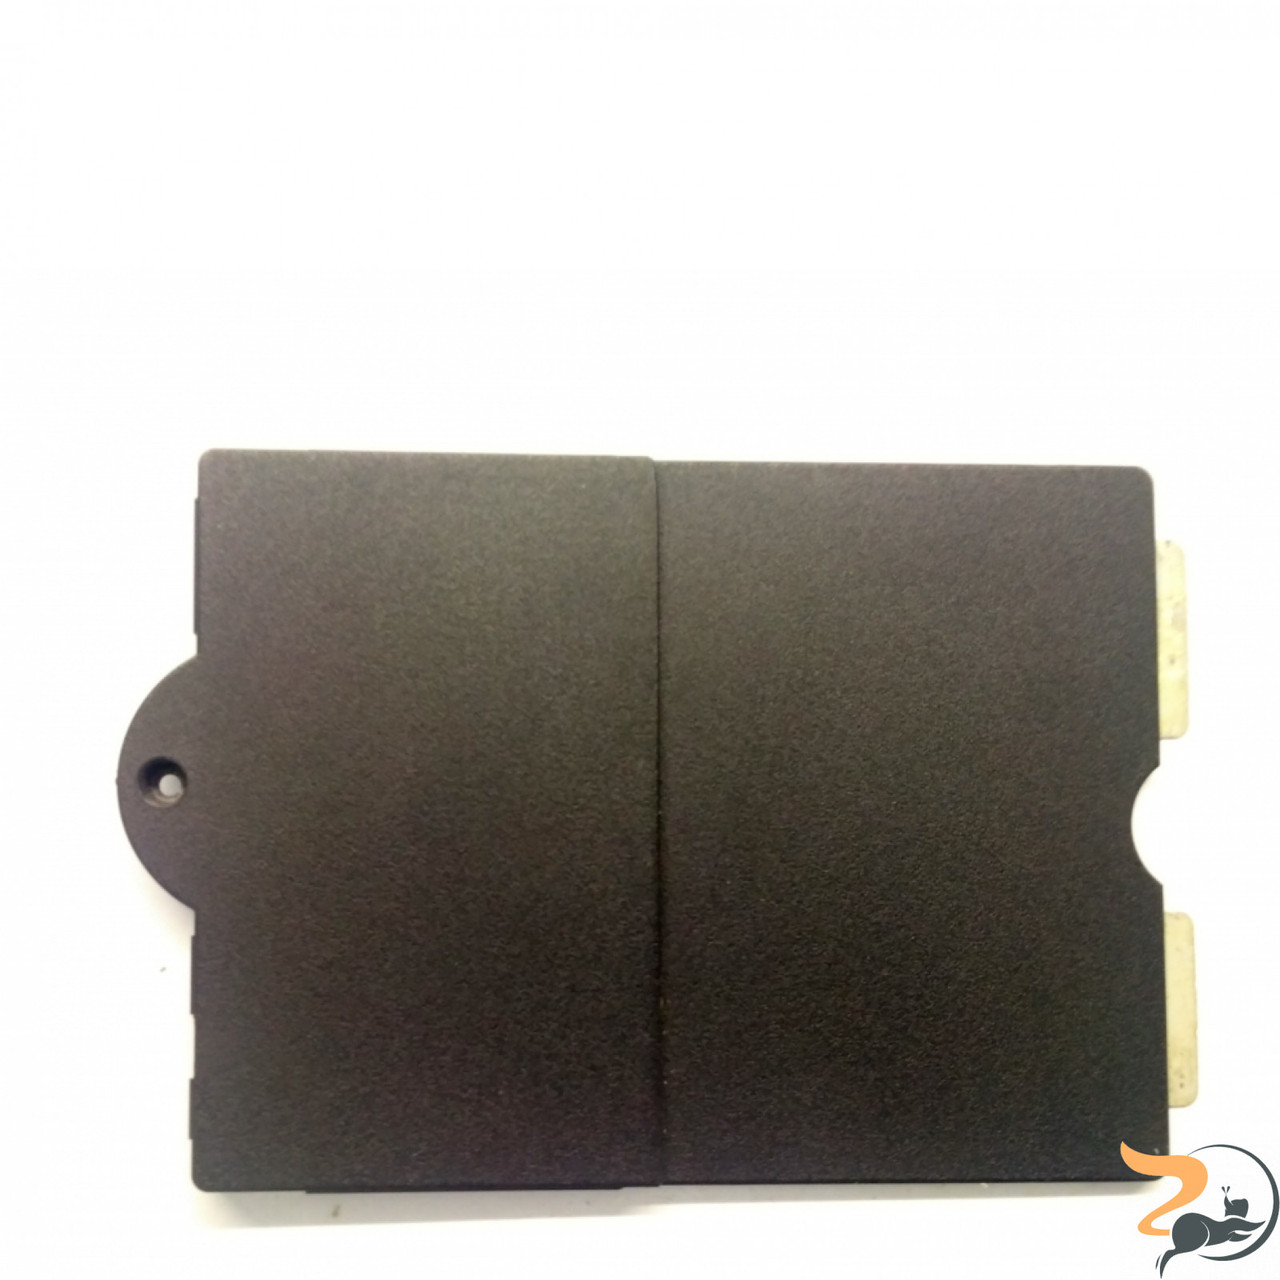 Сервісна кришка для ноутбука Dell Inspiron 8000, 88GMV, Б/В. Без пошкоджень